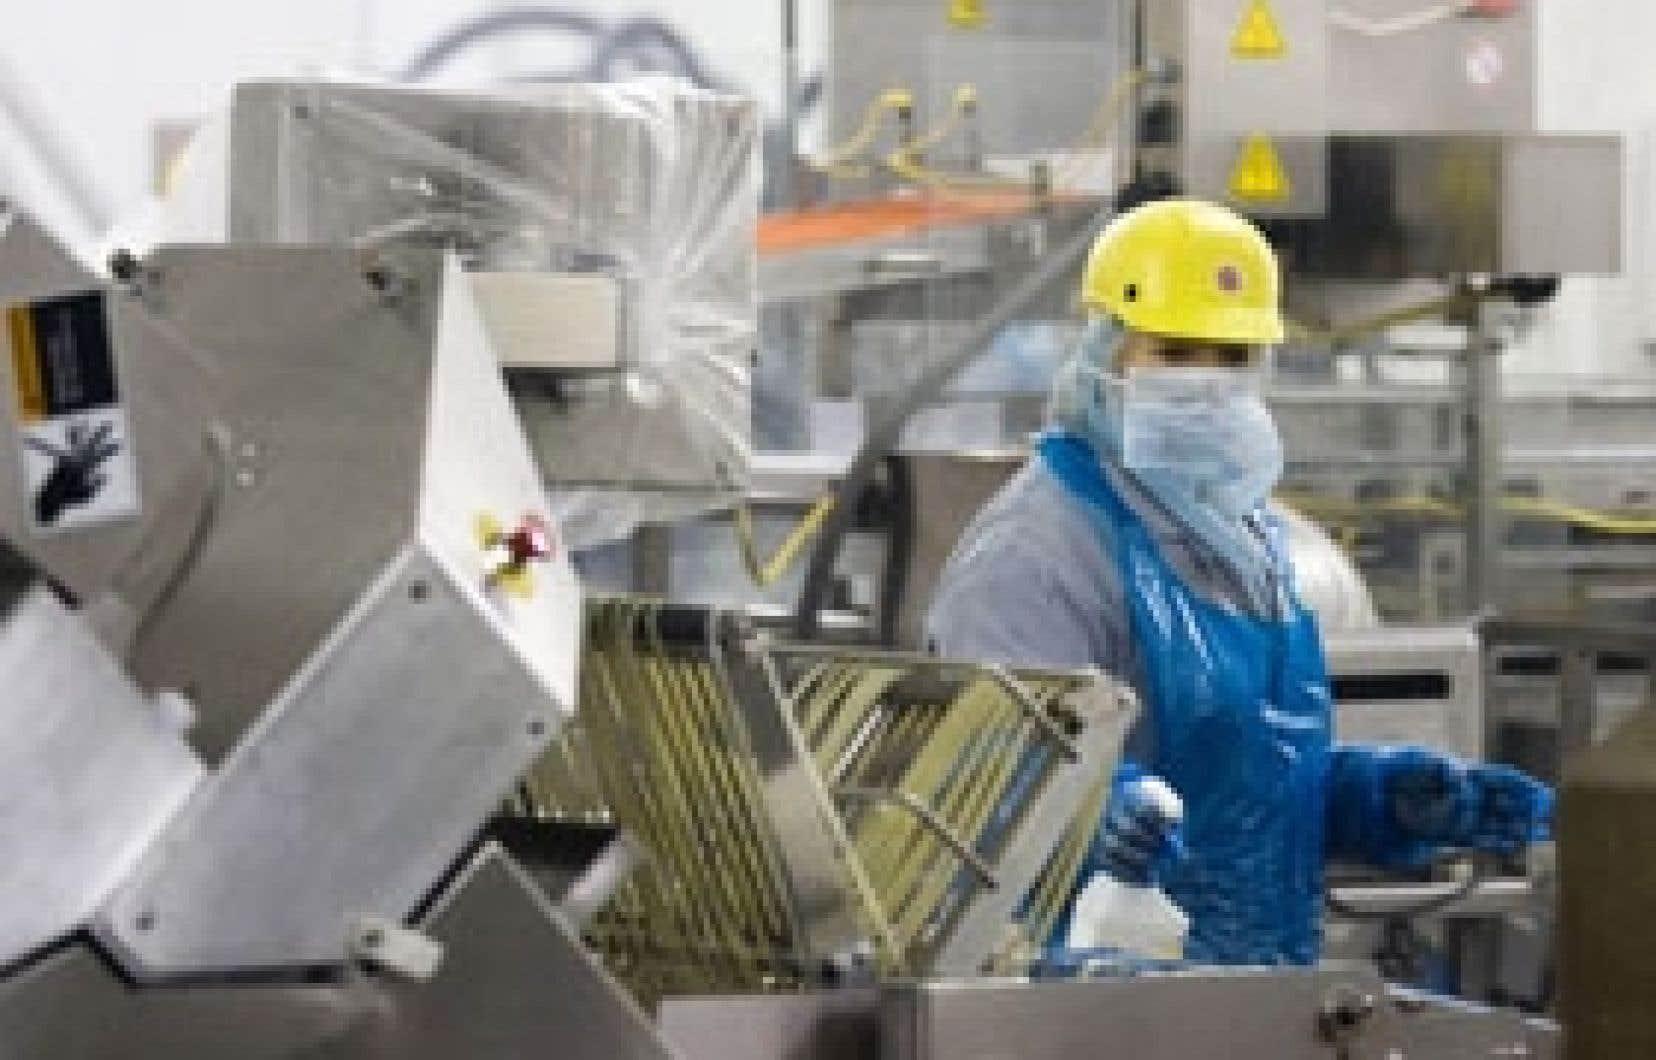 Maple Leaf a travaillé très fort afin de redorer son blason en implantant des procédés sanitaires très stricts et des protocoles pour tester les produits.